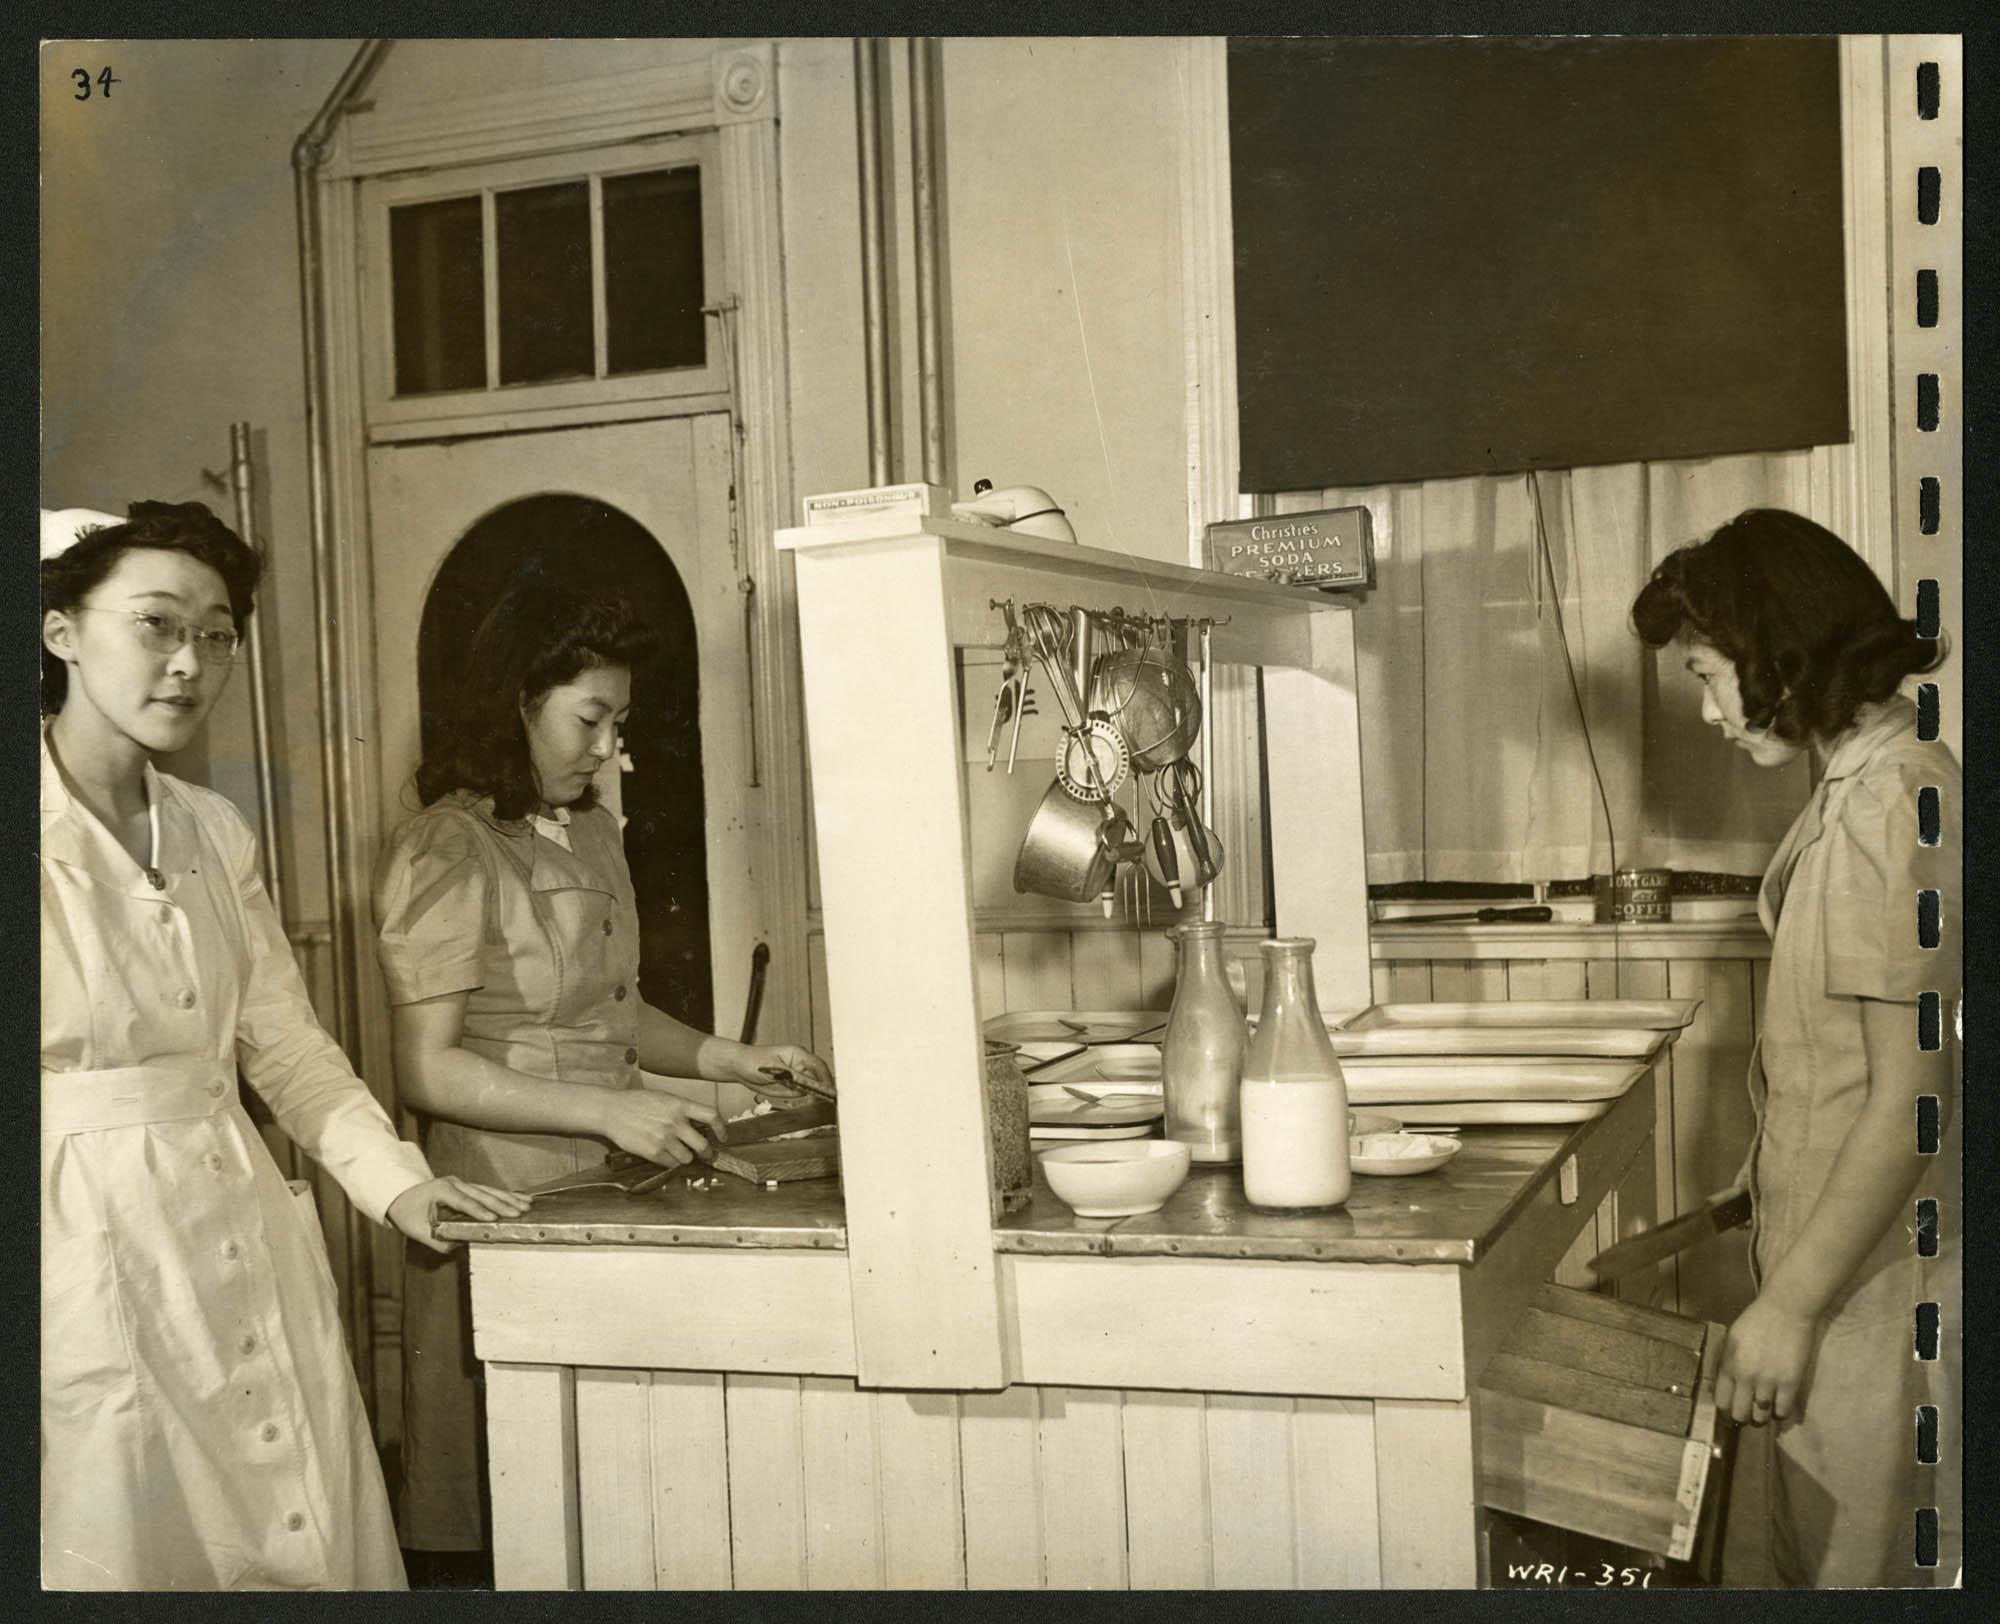 Trois femmes, dont une infirmière, se tiennent autour d'un îlot où se trouvent des cabarets, de la vaisselle et des bouteilles de lait. Des ustensiles sont suspendus au montant central de l'îlot.